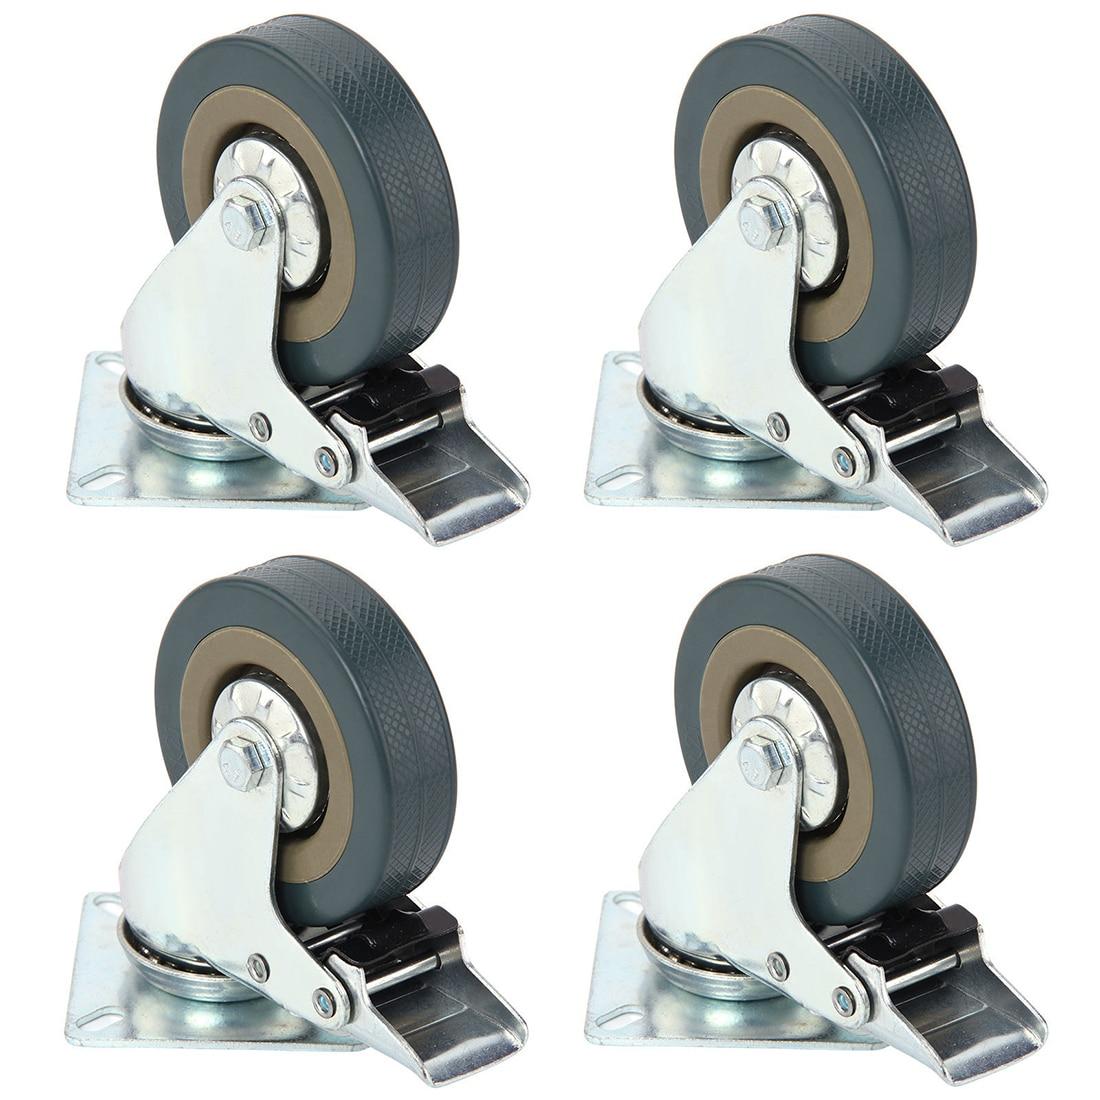 Juego de Heavy Duty 50x17mm goma rueda giratoria Ruedas trolley rueda de freno 40 kgmodel: 4 con freno